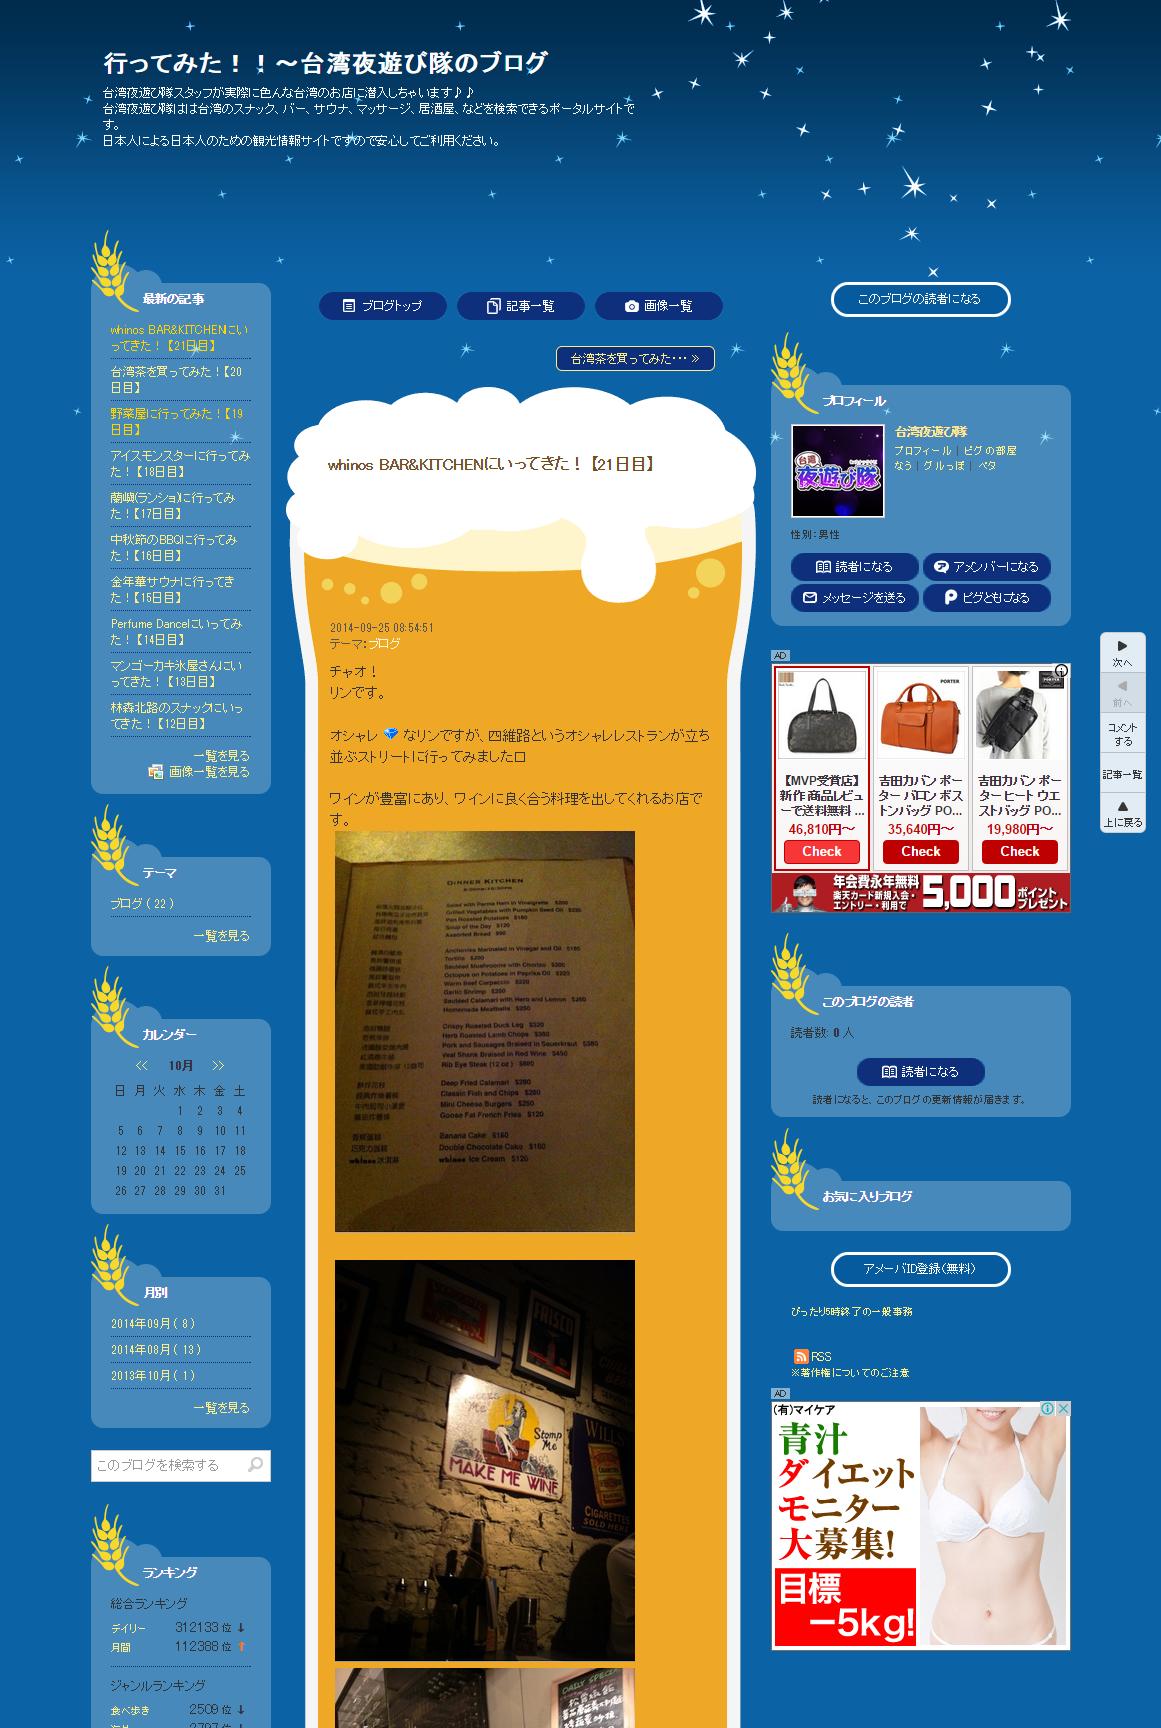 台湾夜遊び隊のブログ